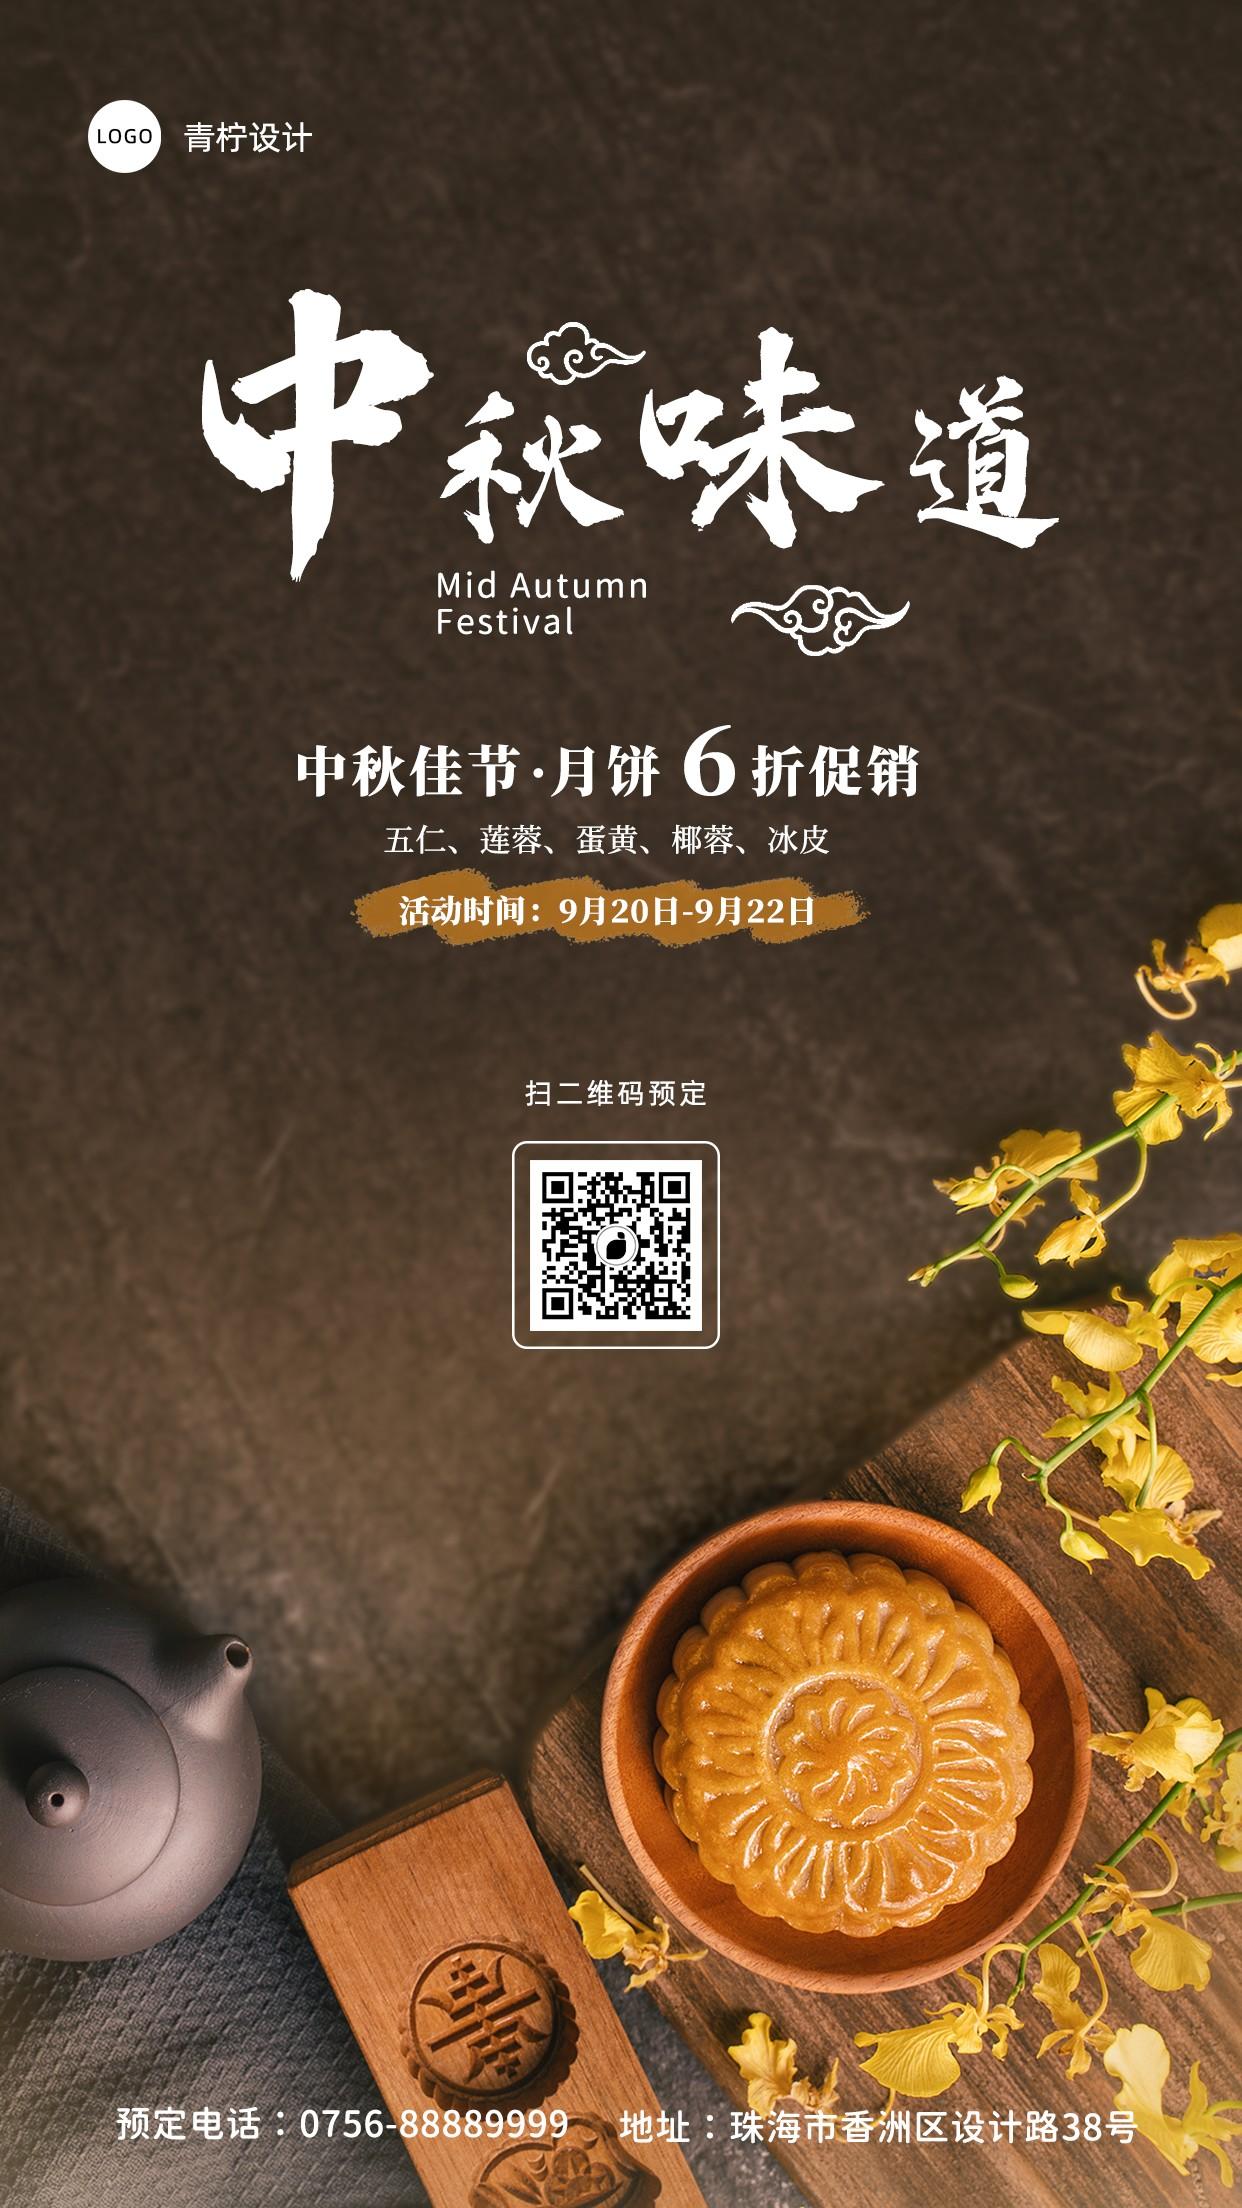 中国风餐饮美食中秋节手机海报